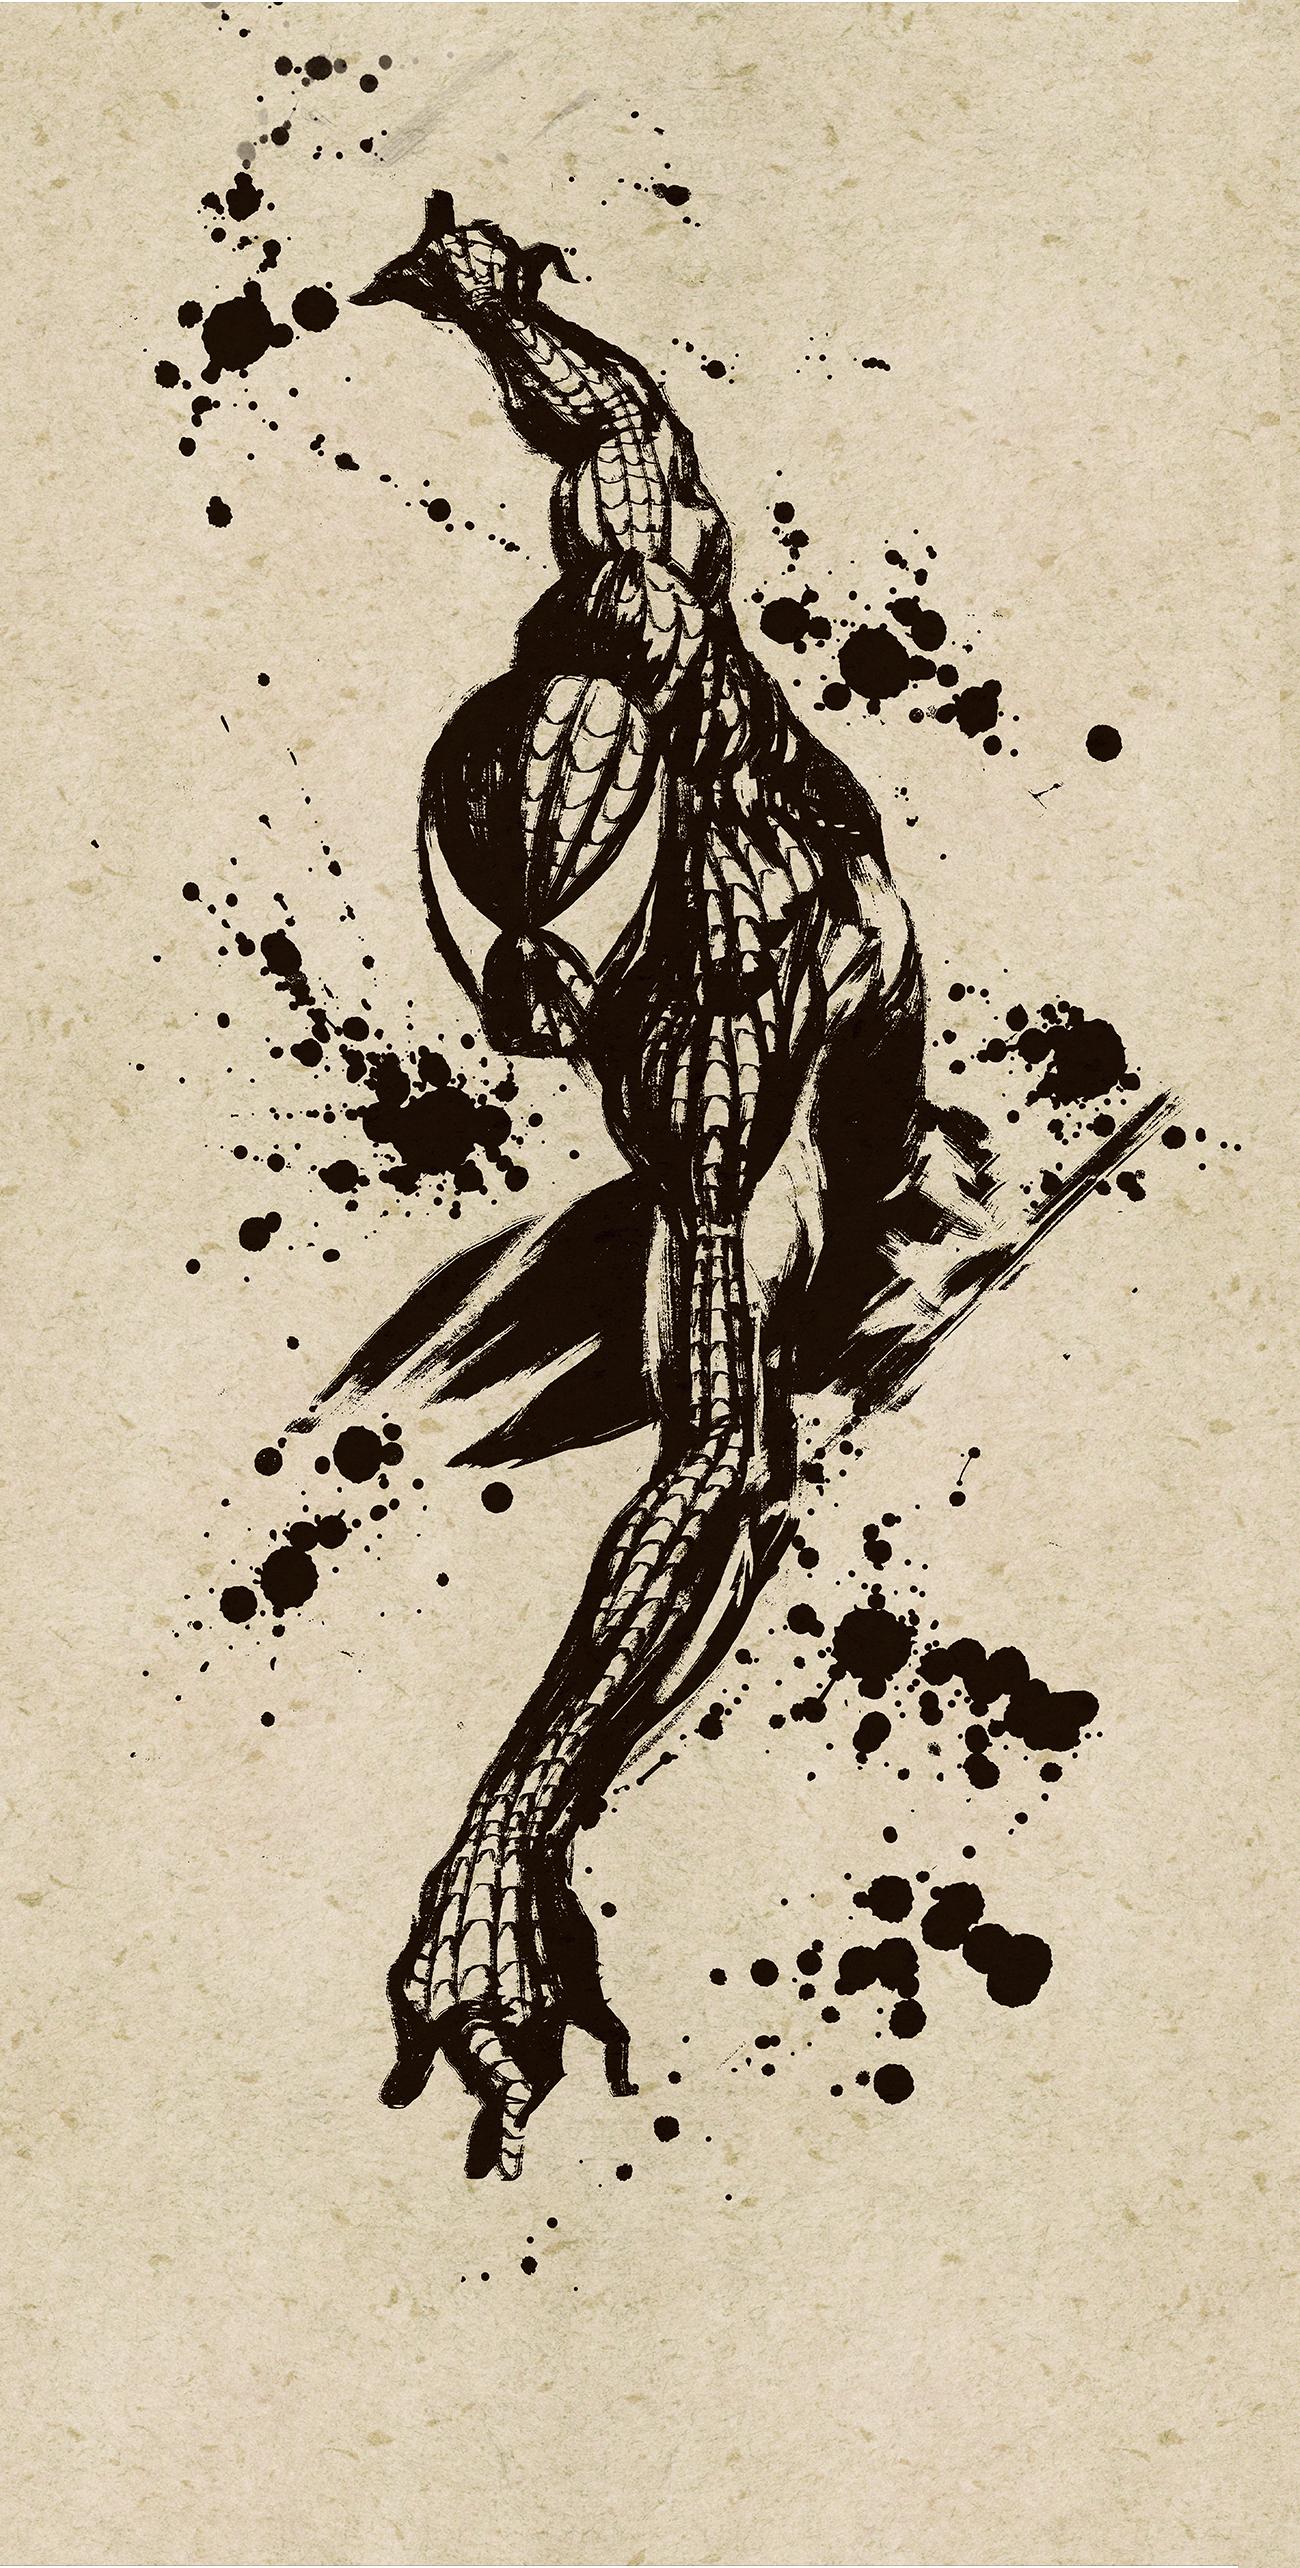 「MARVEL超人技画 SPIDER-MAN」